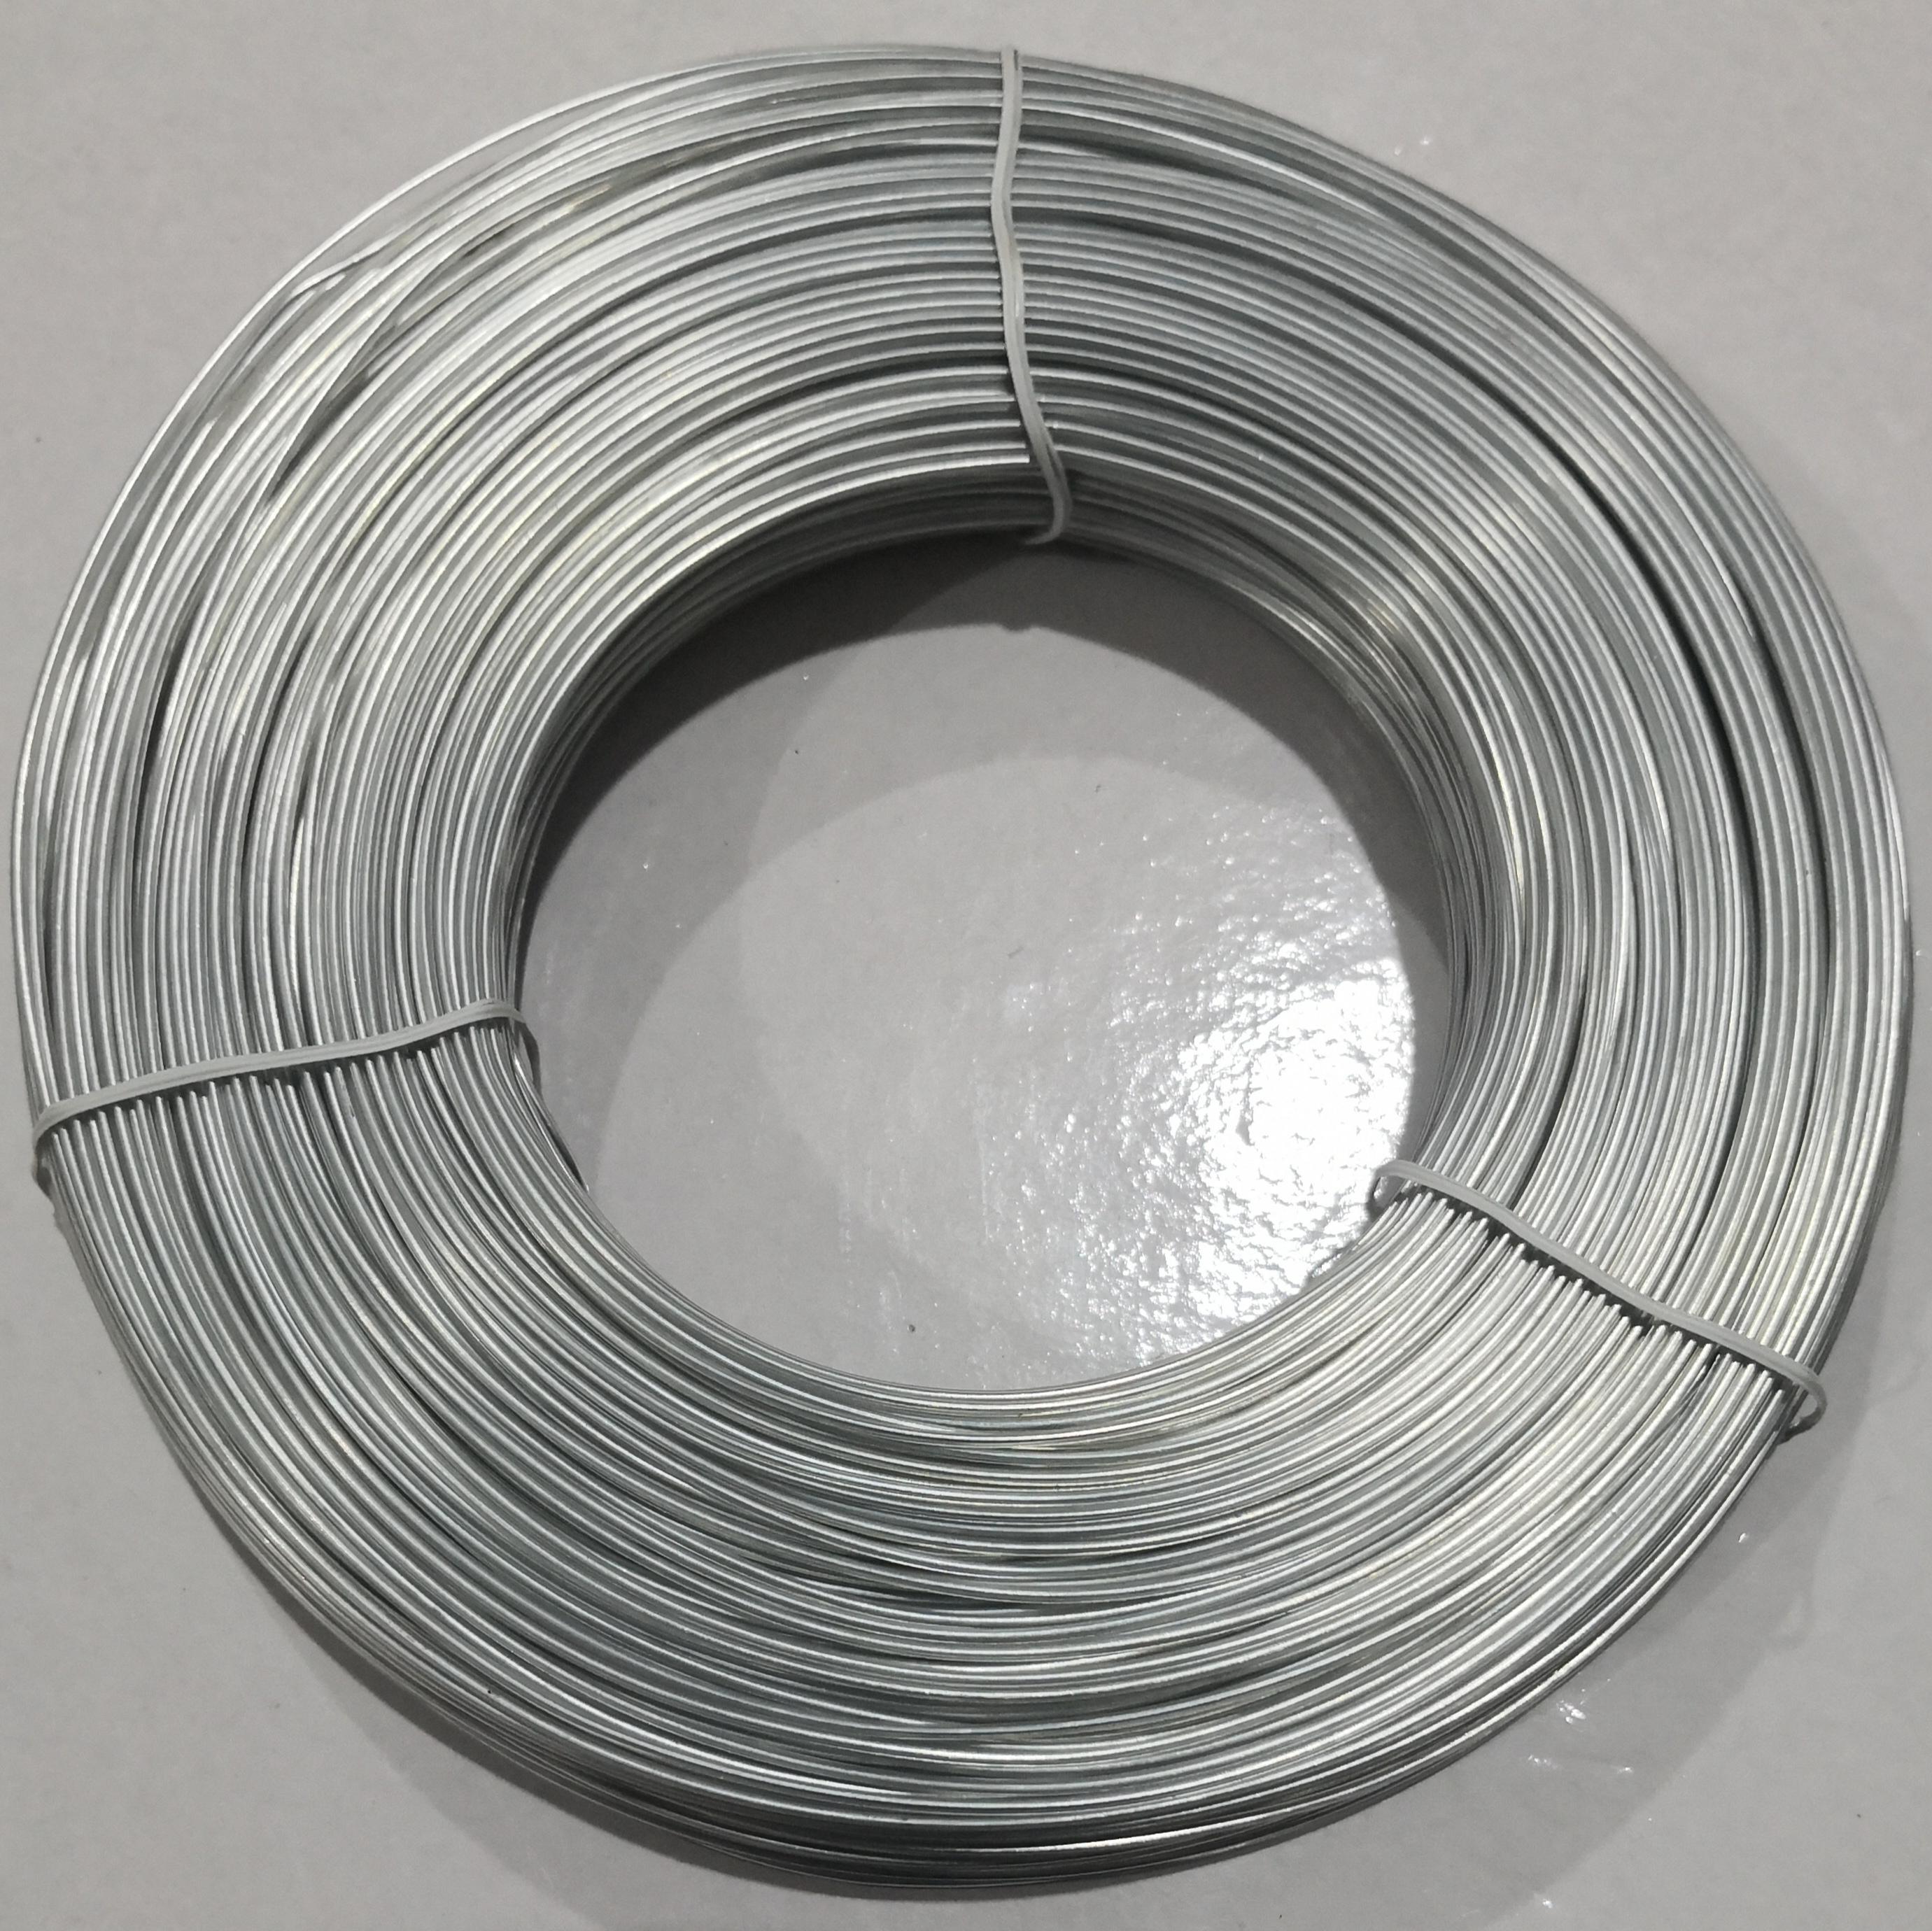 电镀锌铁丝扎线铁丝0.7PVC包胶1.4铁扎带包胶扎丝过胶铁丝一卷200米手工DIY可裁剪颜色可定制